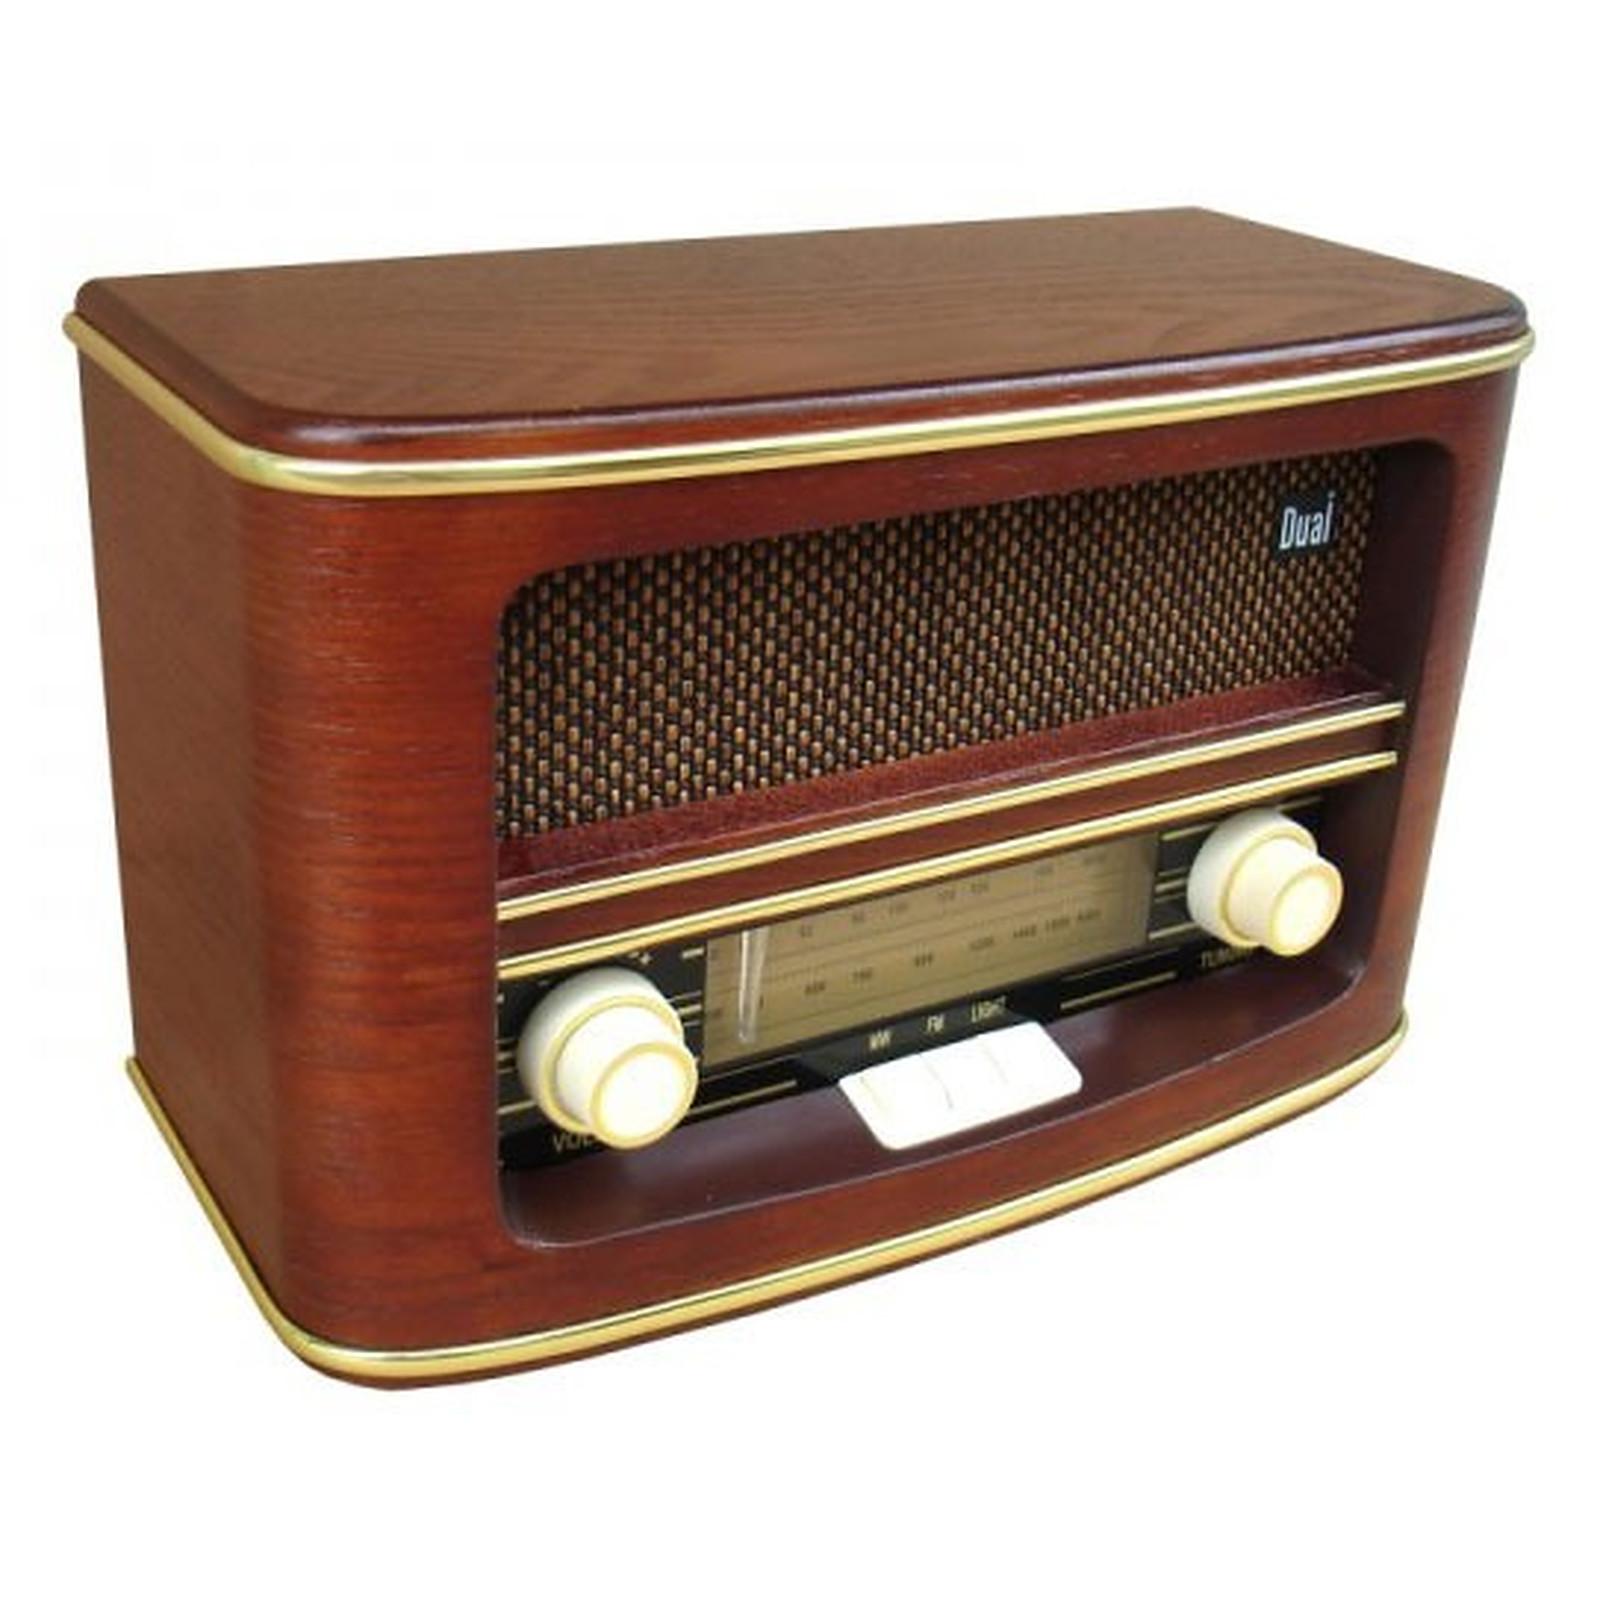 Radio vintage : aimez-vous les objets vintage ?